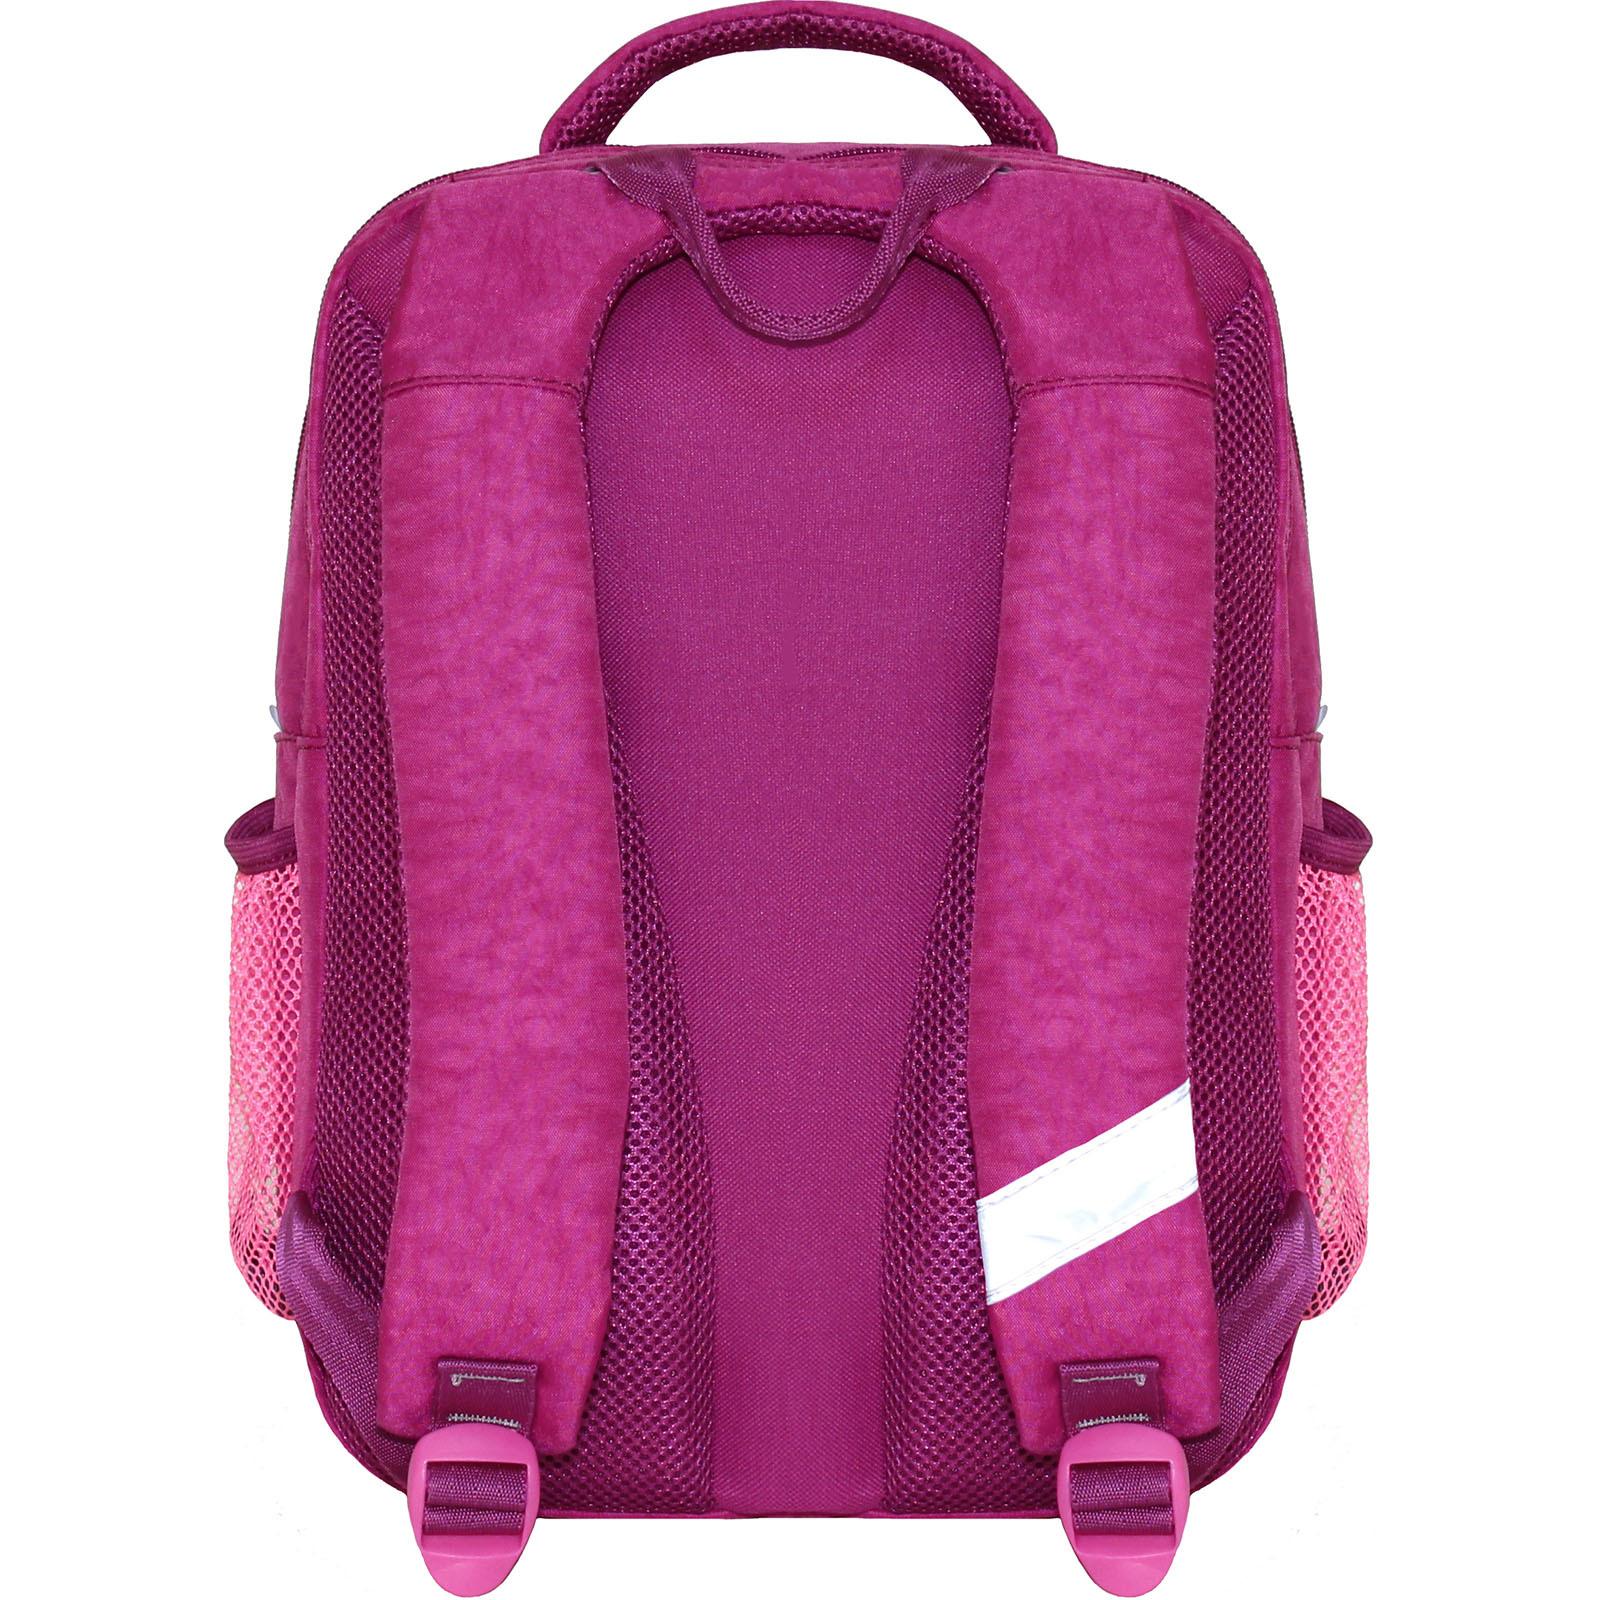 Рюкзак школьный Bagland Школьник 8 л. 143 малиновый 561 (0012870) фото 3